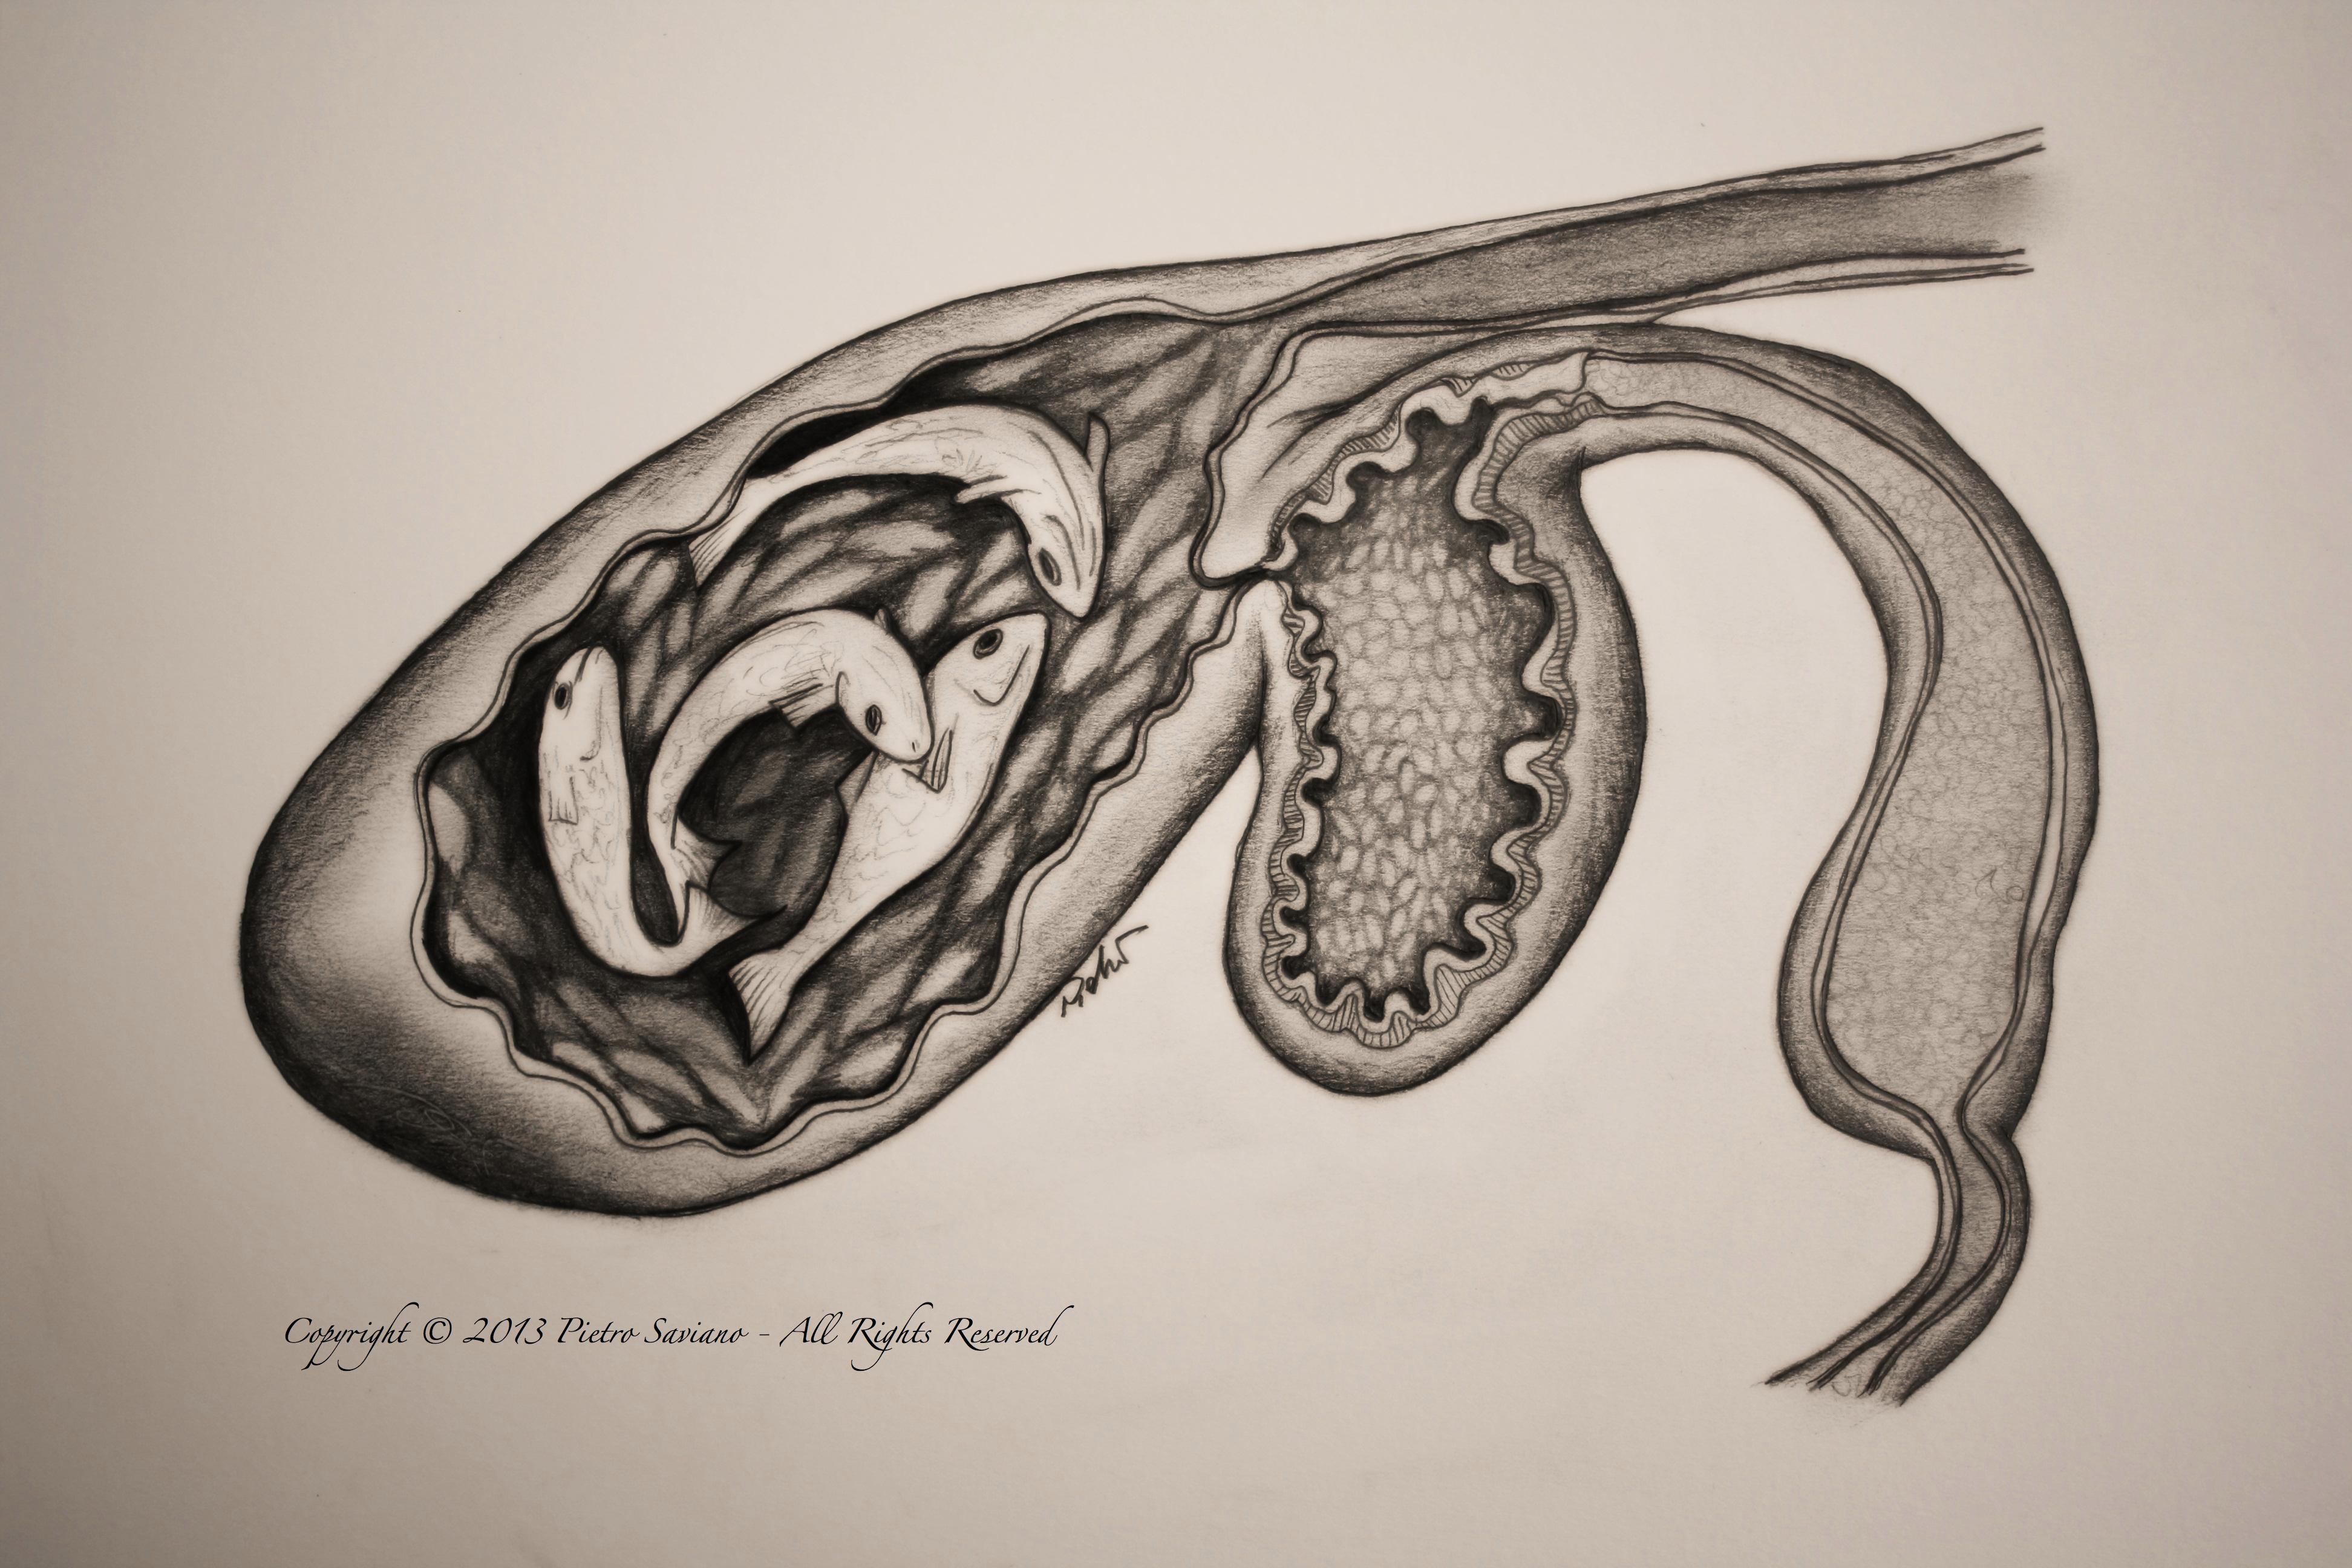 Anatomy – Pietro Saviano